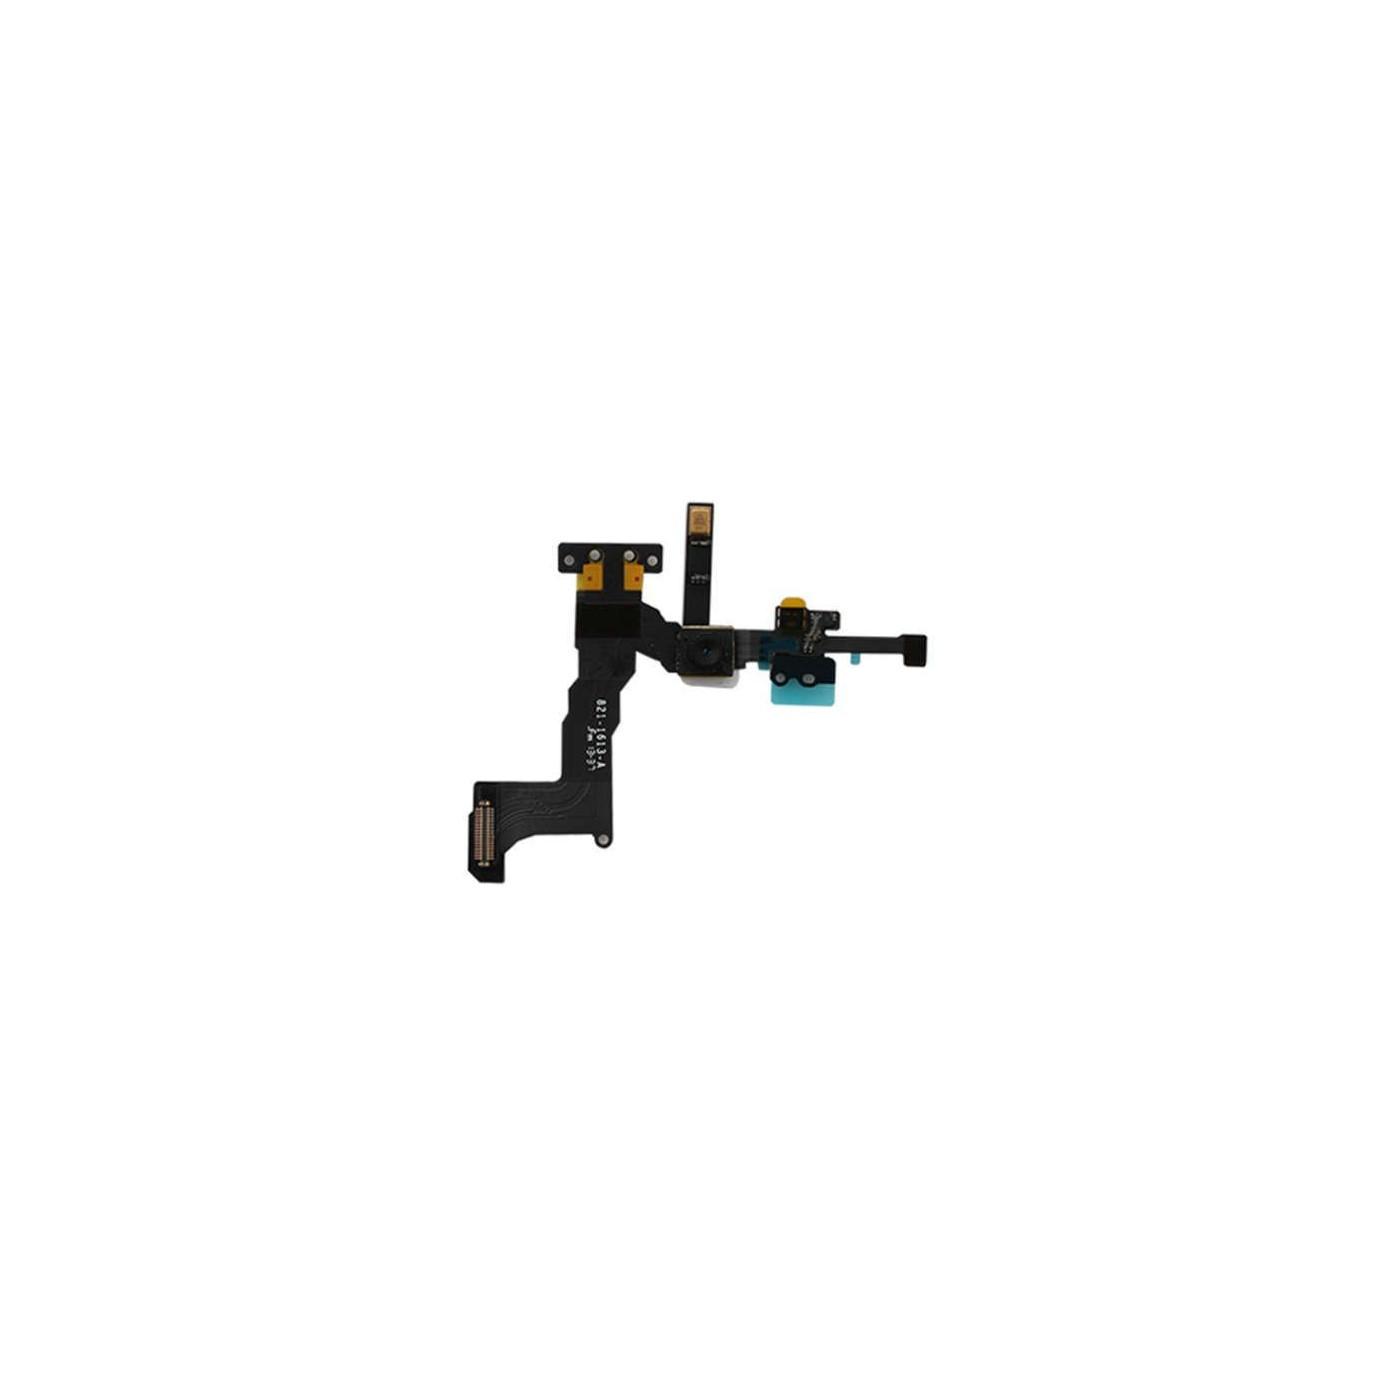 Cámara delantera delantera para el sensor de proximidad del cable plano de la flexión del iphone 5s